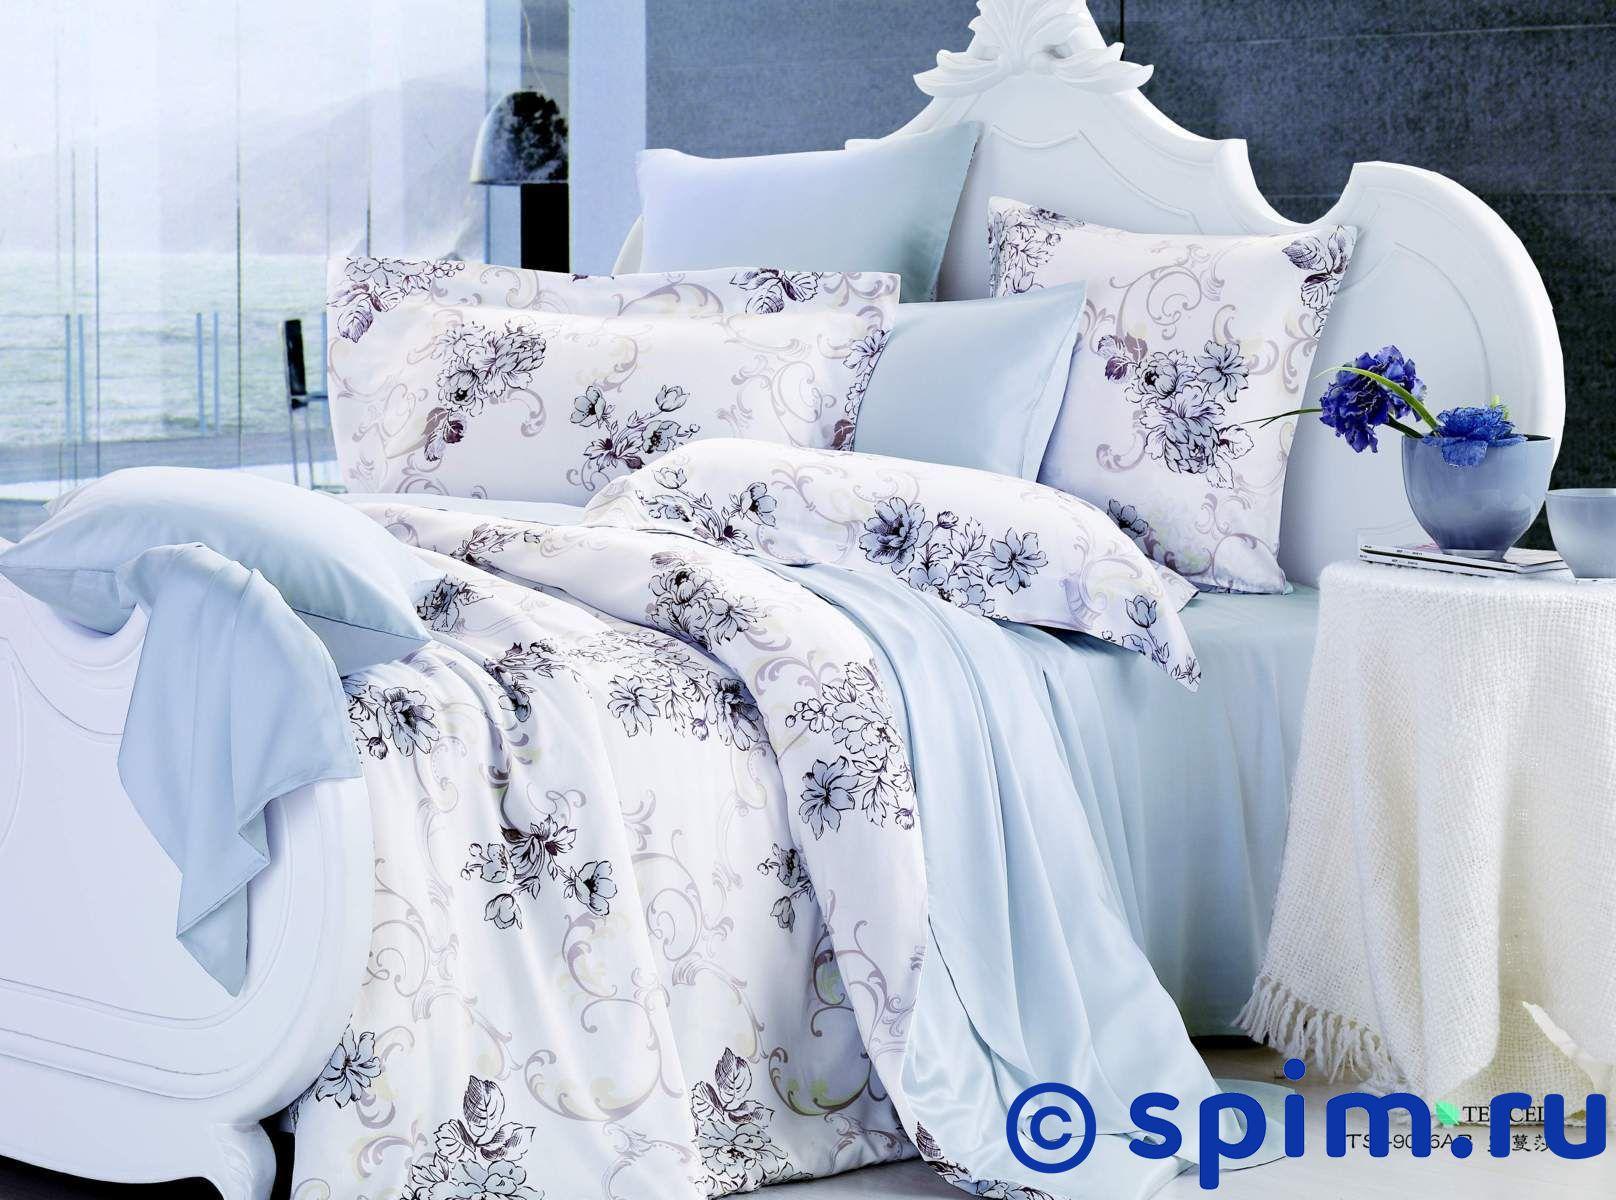 Комплект СайлиД E34 2 спальное